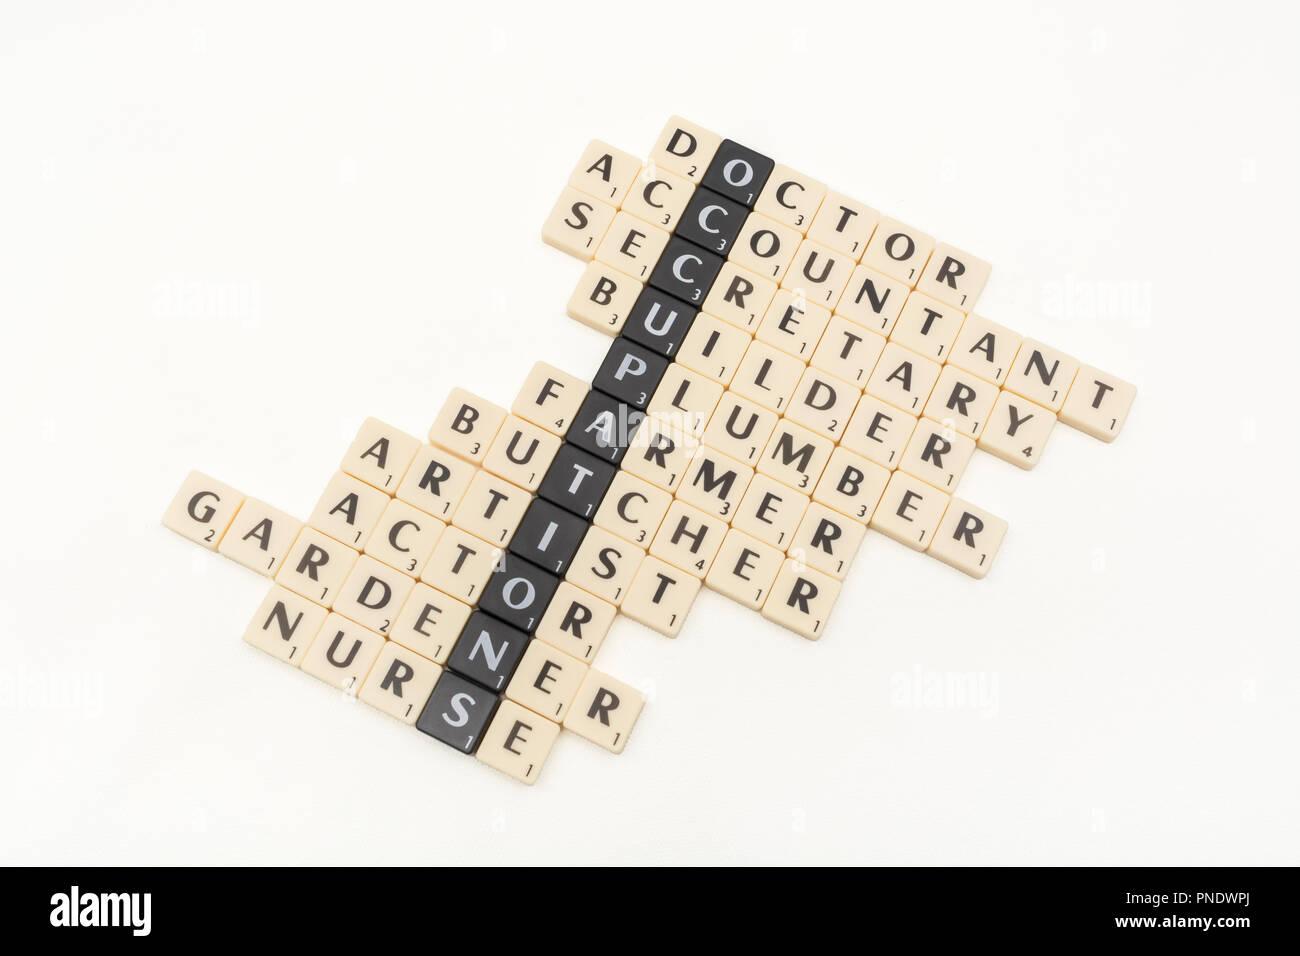 Lettre carreaux montrant les mots-clés métiers et différents types de choix de carrière / types d'emplois disponibles. Photo Stock